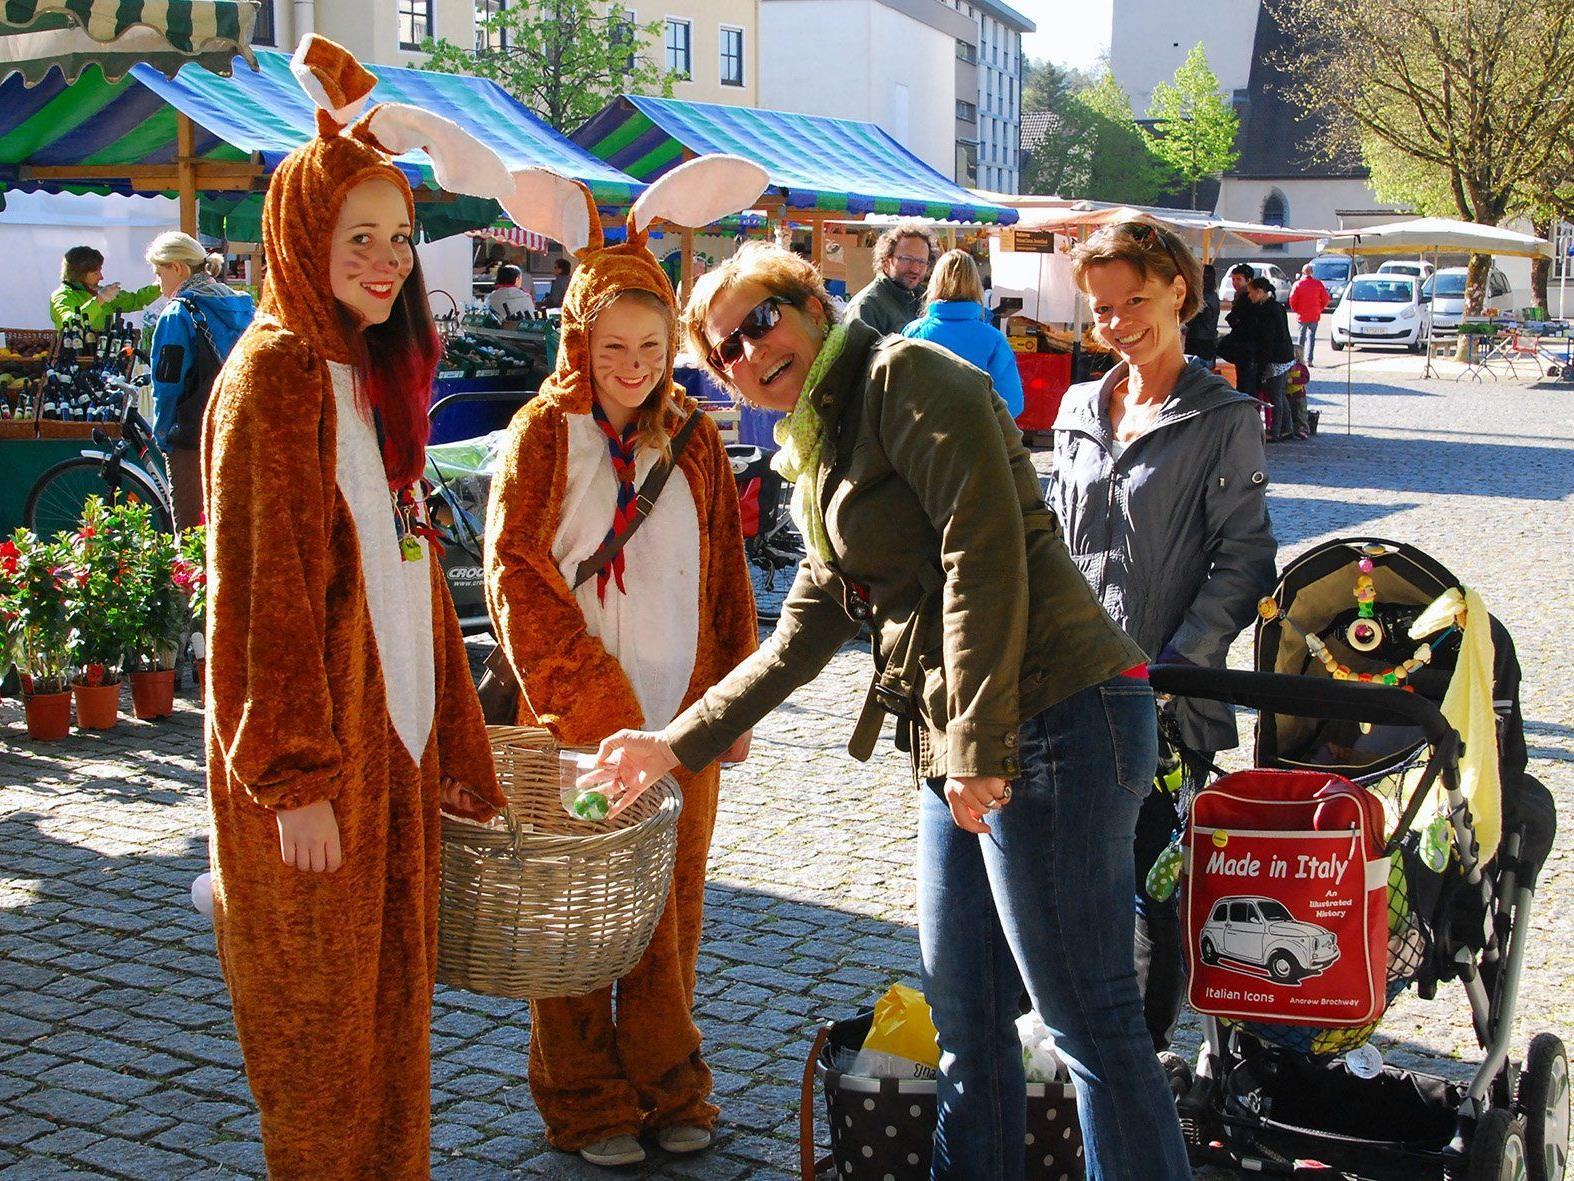 Die Osterhasen Isabella (l.) und Sandra erfreuten die Marktbesucher mit einem Ostergruß.